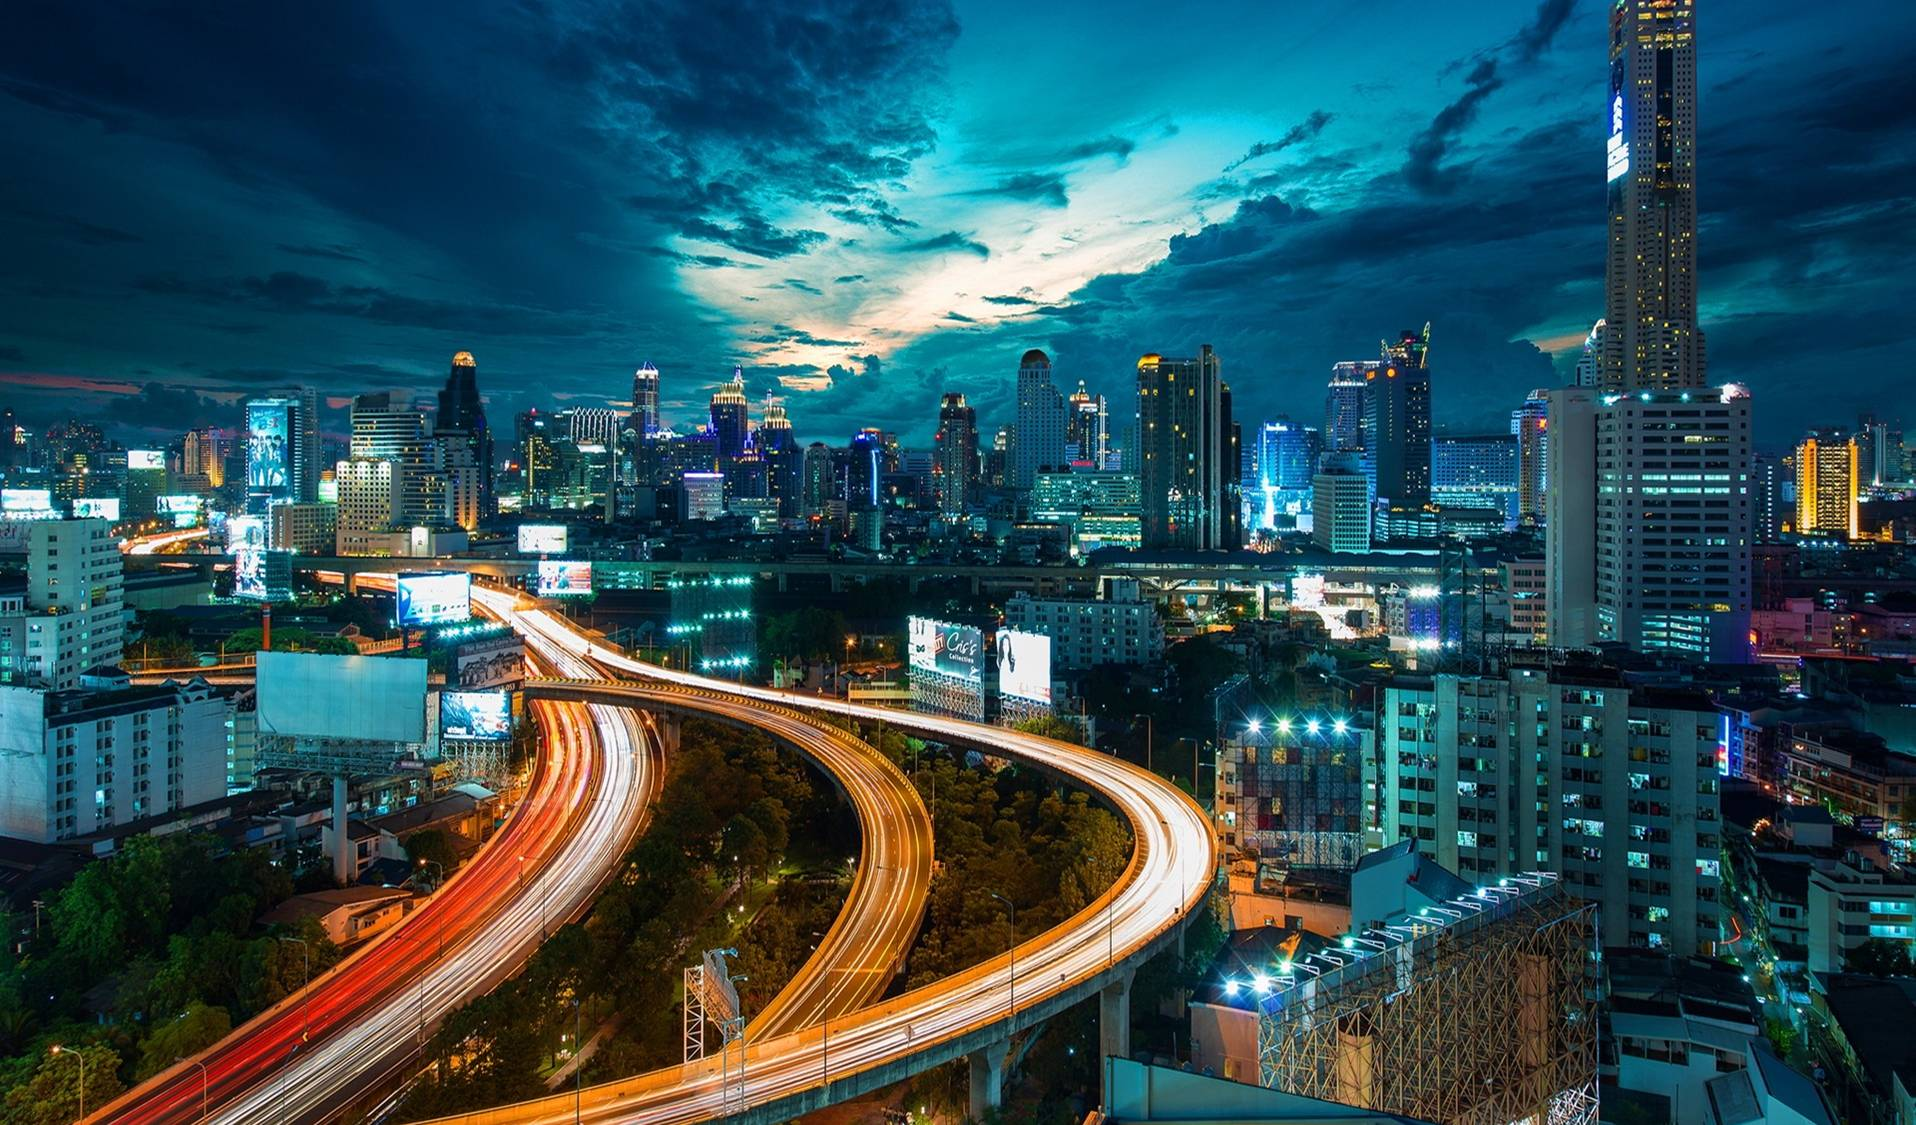 ciudades-hundiendose